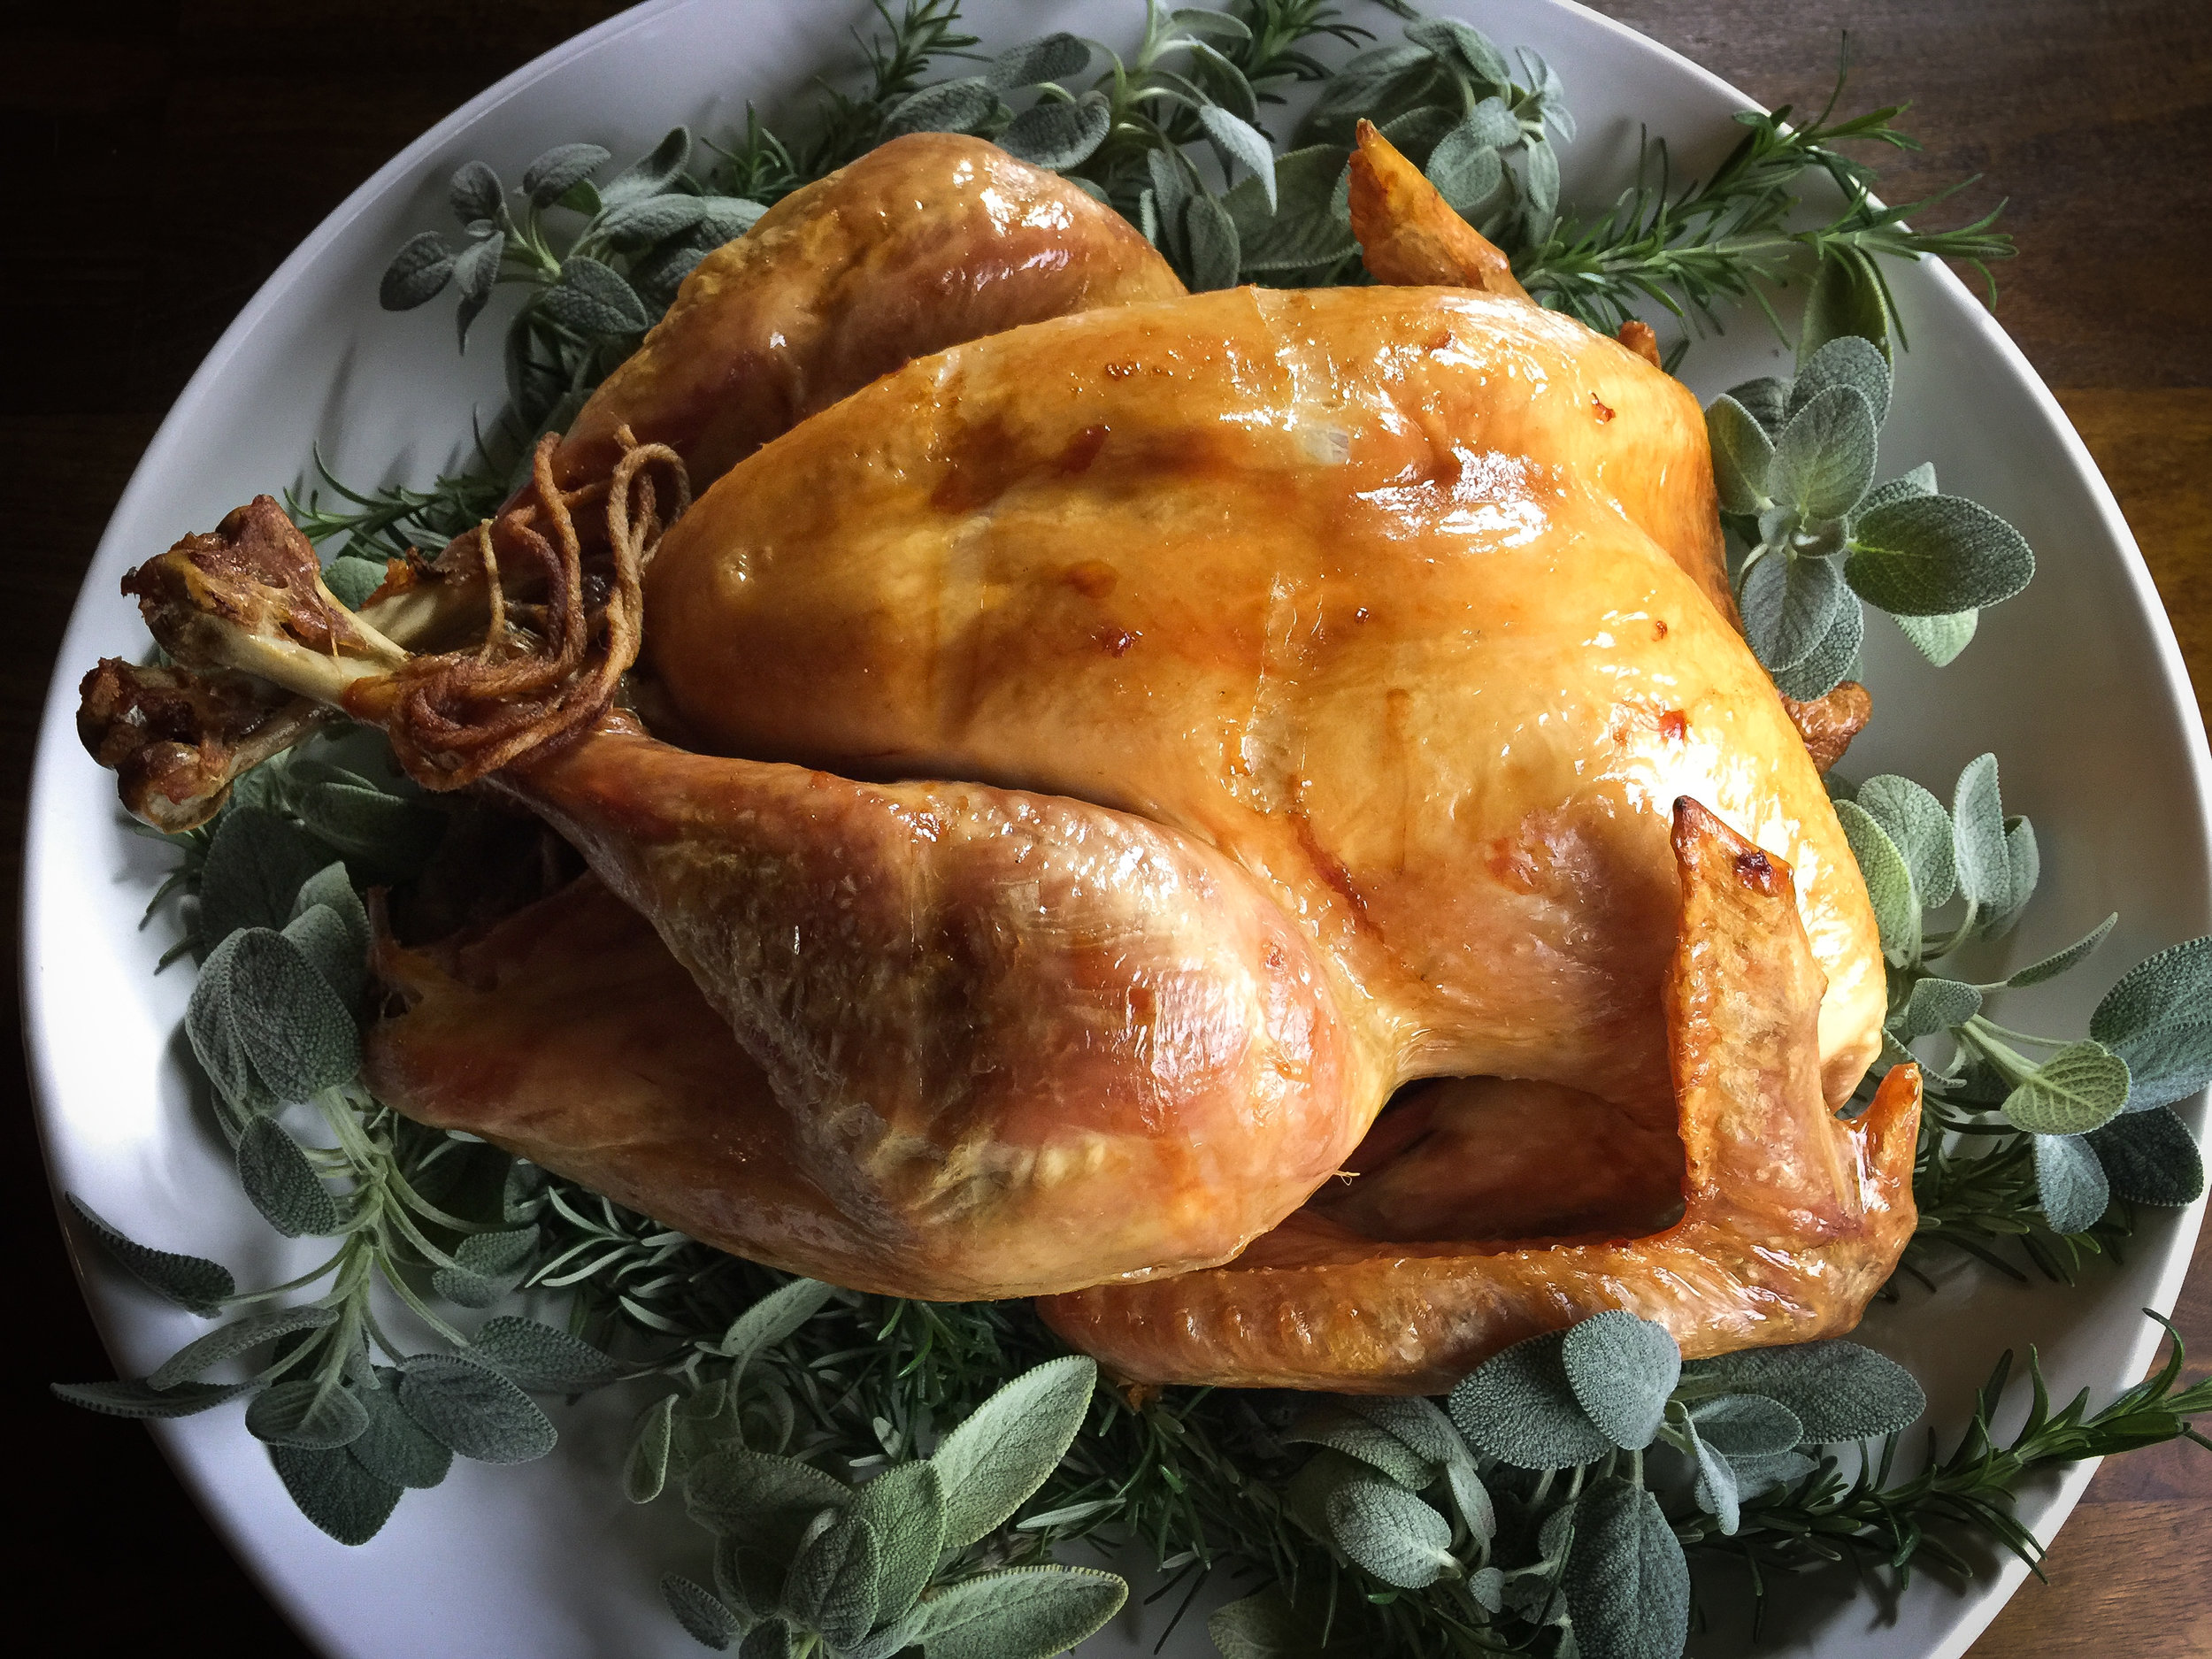 Dry-brined roast turkey